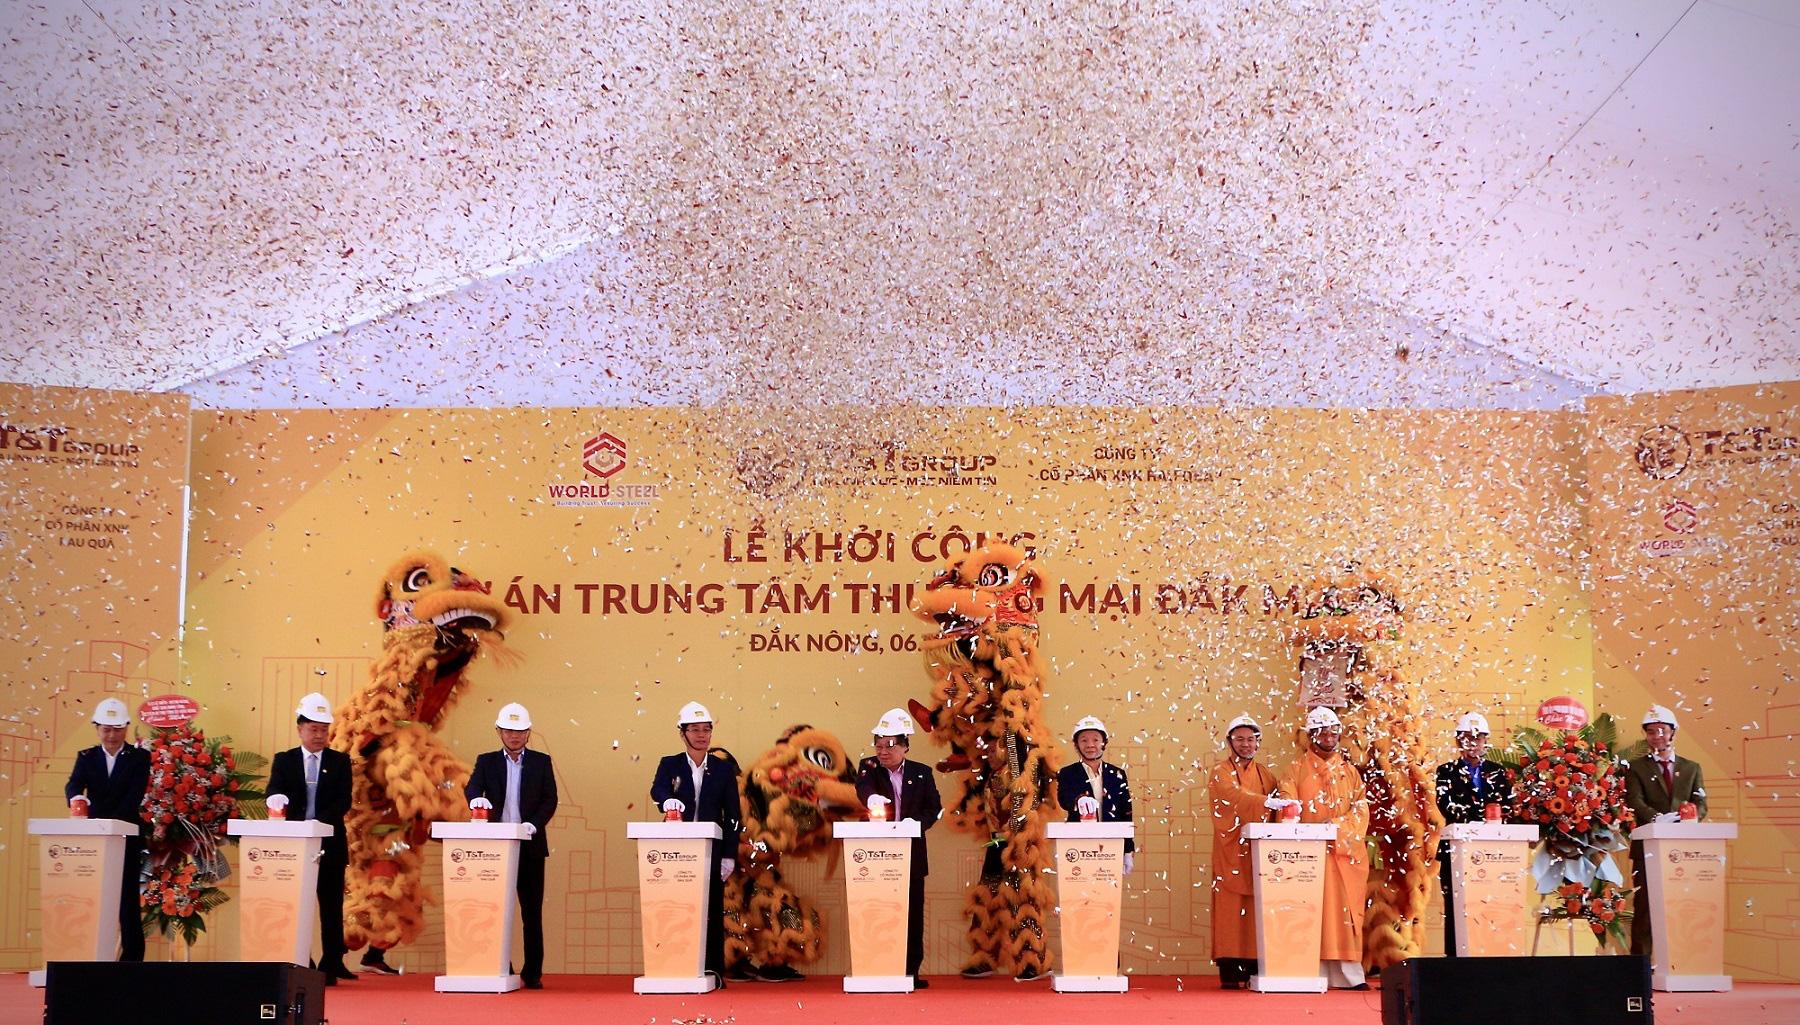 T&T Group khởi công xây dựng Trung tâm thương mại hiện đại tại Đắk Nông - Ảnh 1.